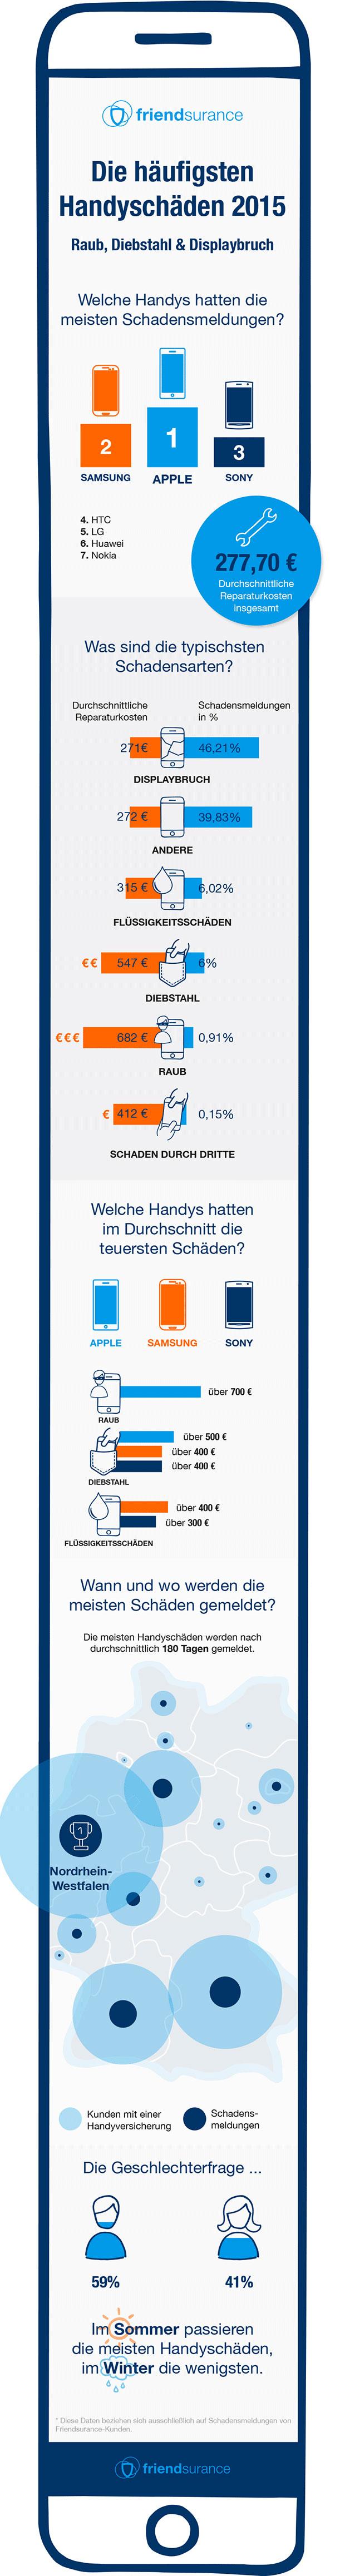 Friendsurance-Infografik-Handyschaeden-2015